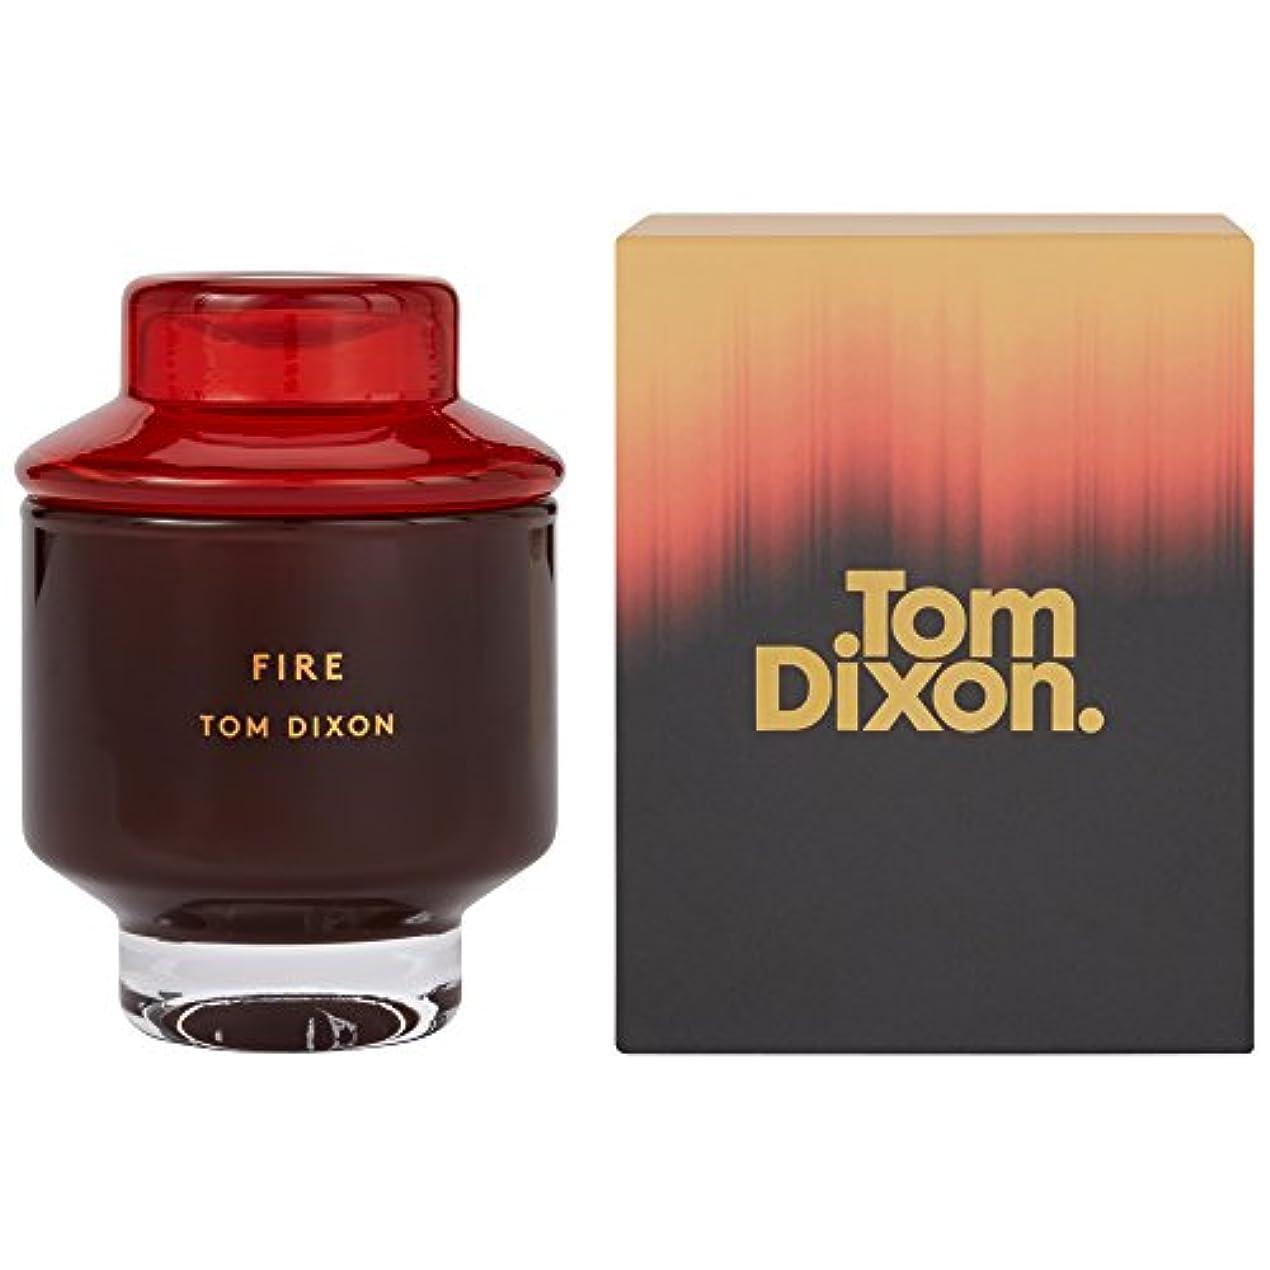 対話予防接種するギネストム?ディクソン火災香りのキャンドル媒体 x6 - Tom Dixon Fire Scented Candle Medium (Pack of 6) [並行輸入品]